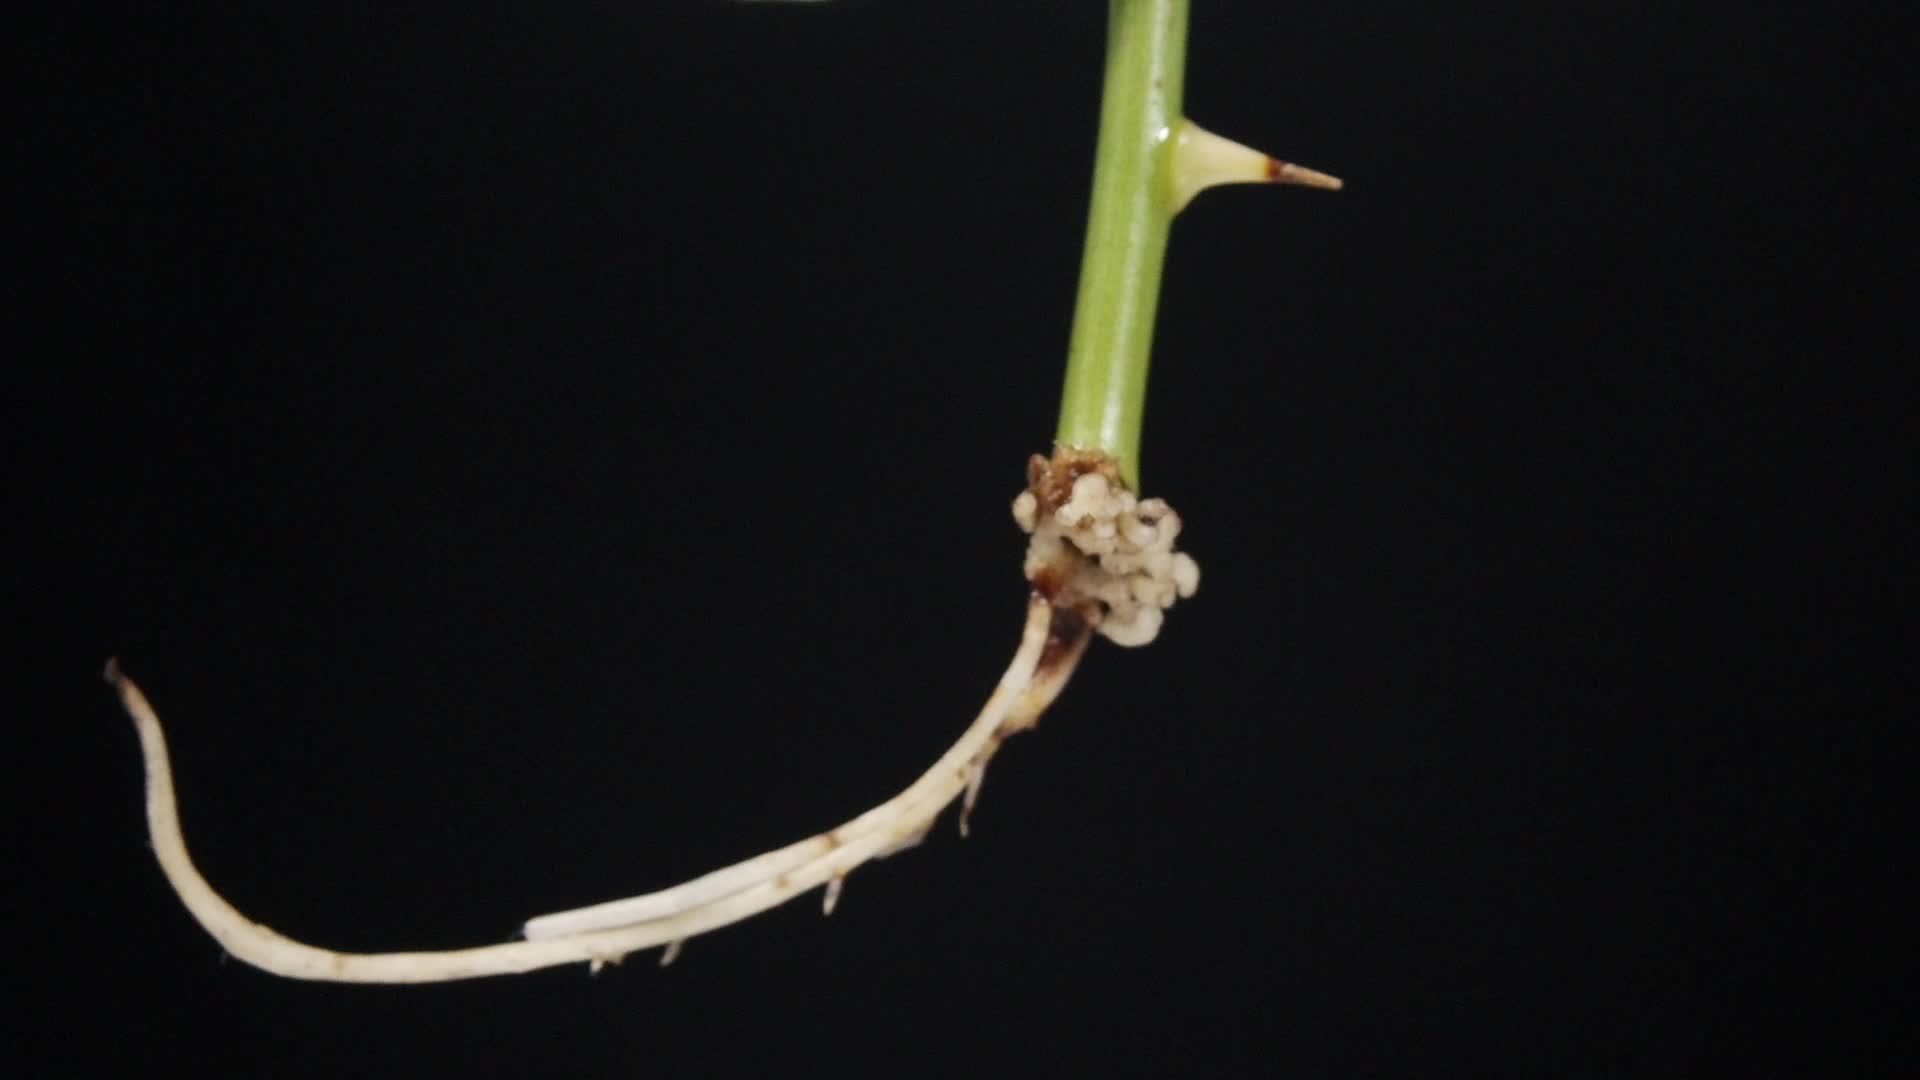 【限时折扣】7.1.1 植物的扦插-水培-【火花学院】人教版八年级生物下册 第七单元 生物圈中生命的延续和发展 第一章 生物的生殖和发育 第一节 植物的生殖 [来自e网通客户端]